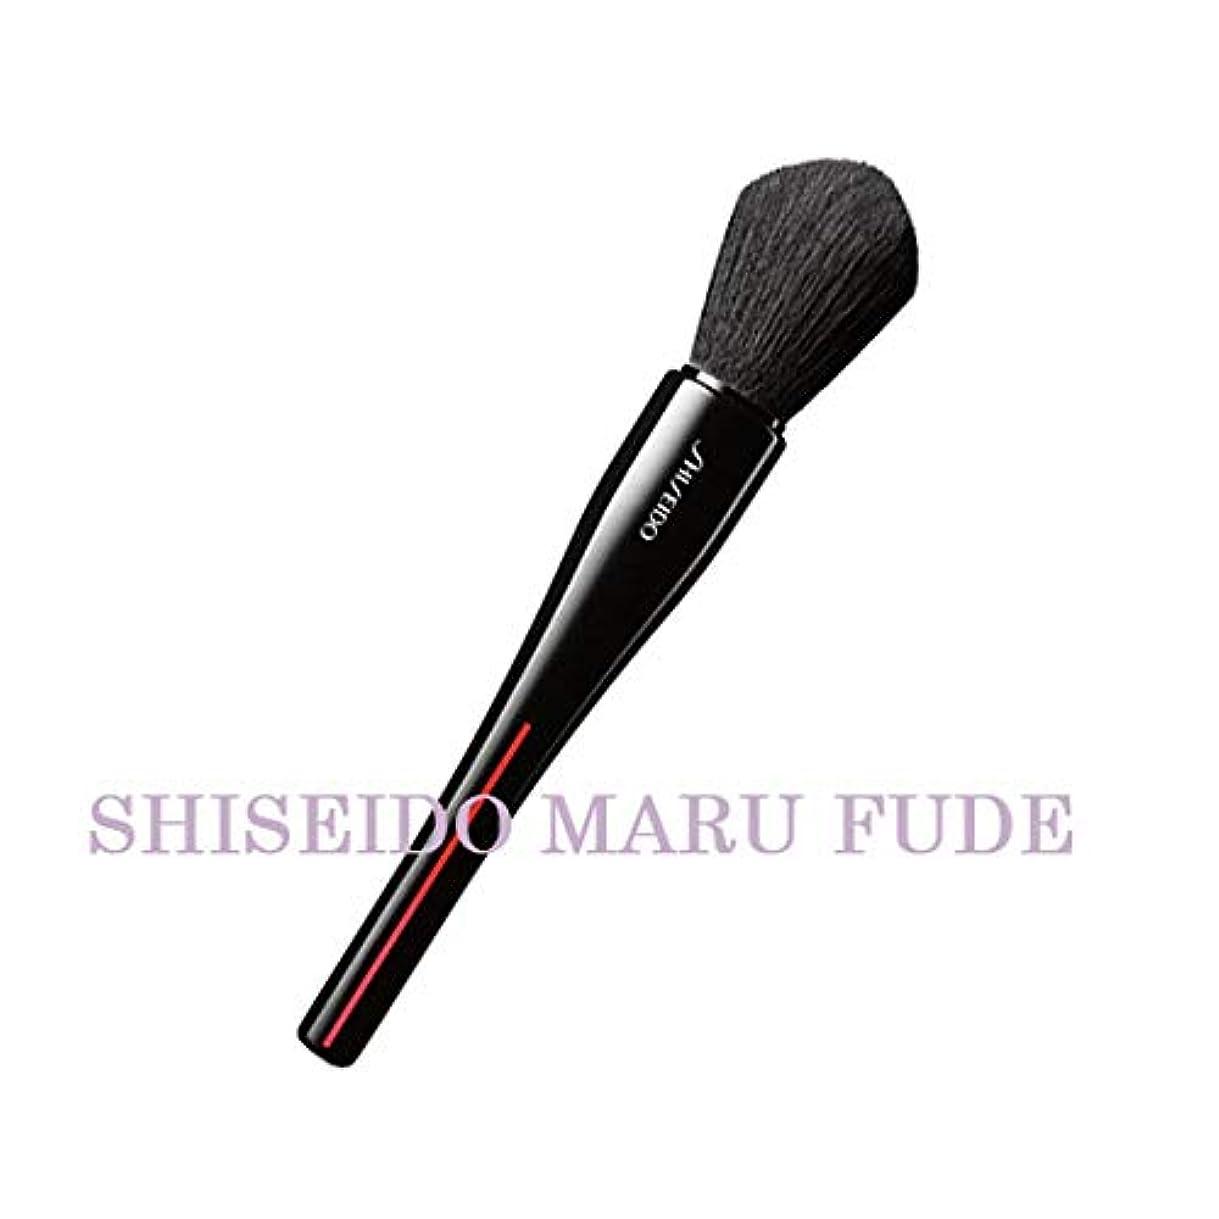 噂攻撃的自発的SHISEIDO Makeup(資生堂 メーキャップ) SHISEIDO(資生堂) SHISEIDO MARU FUDE マルチ フェイスブラシ